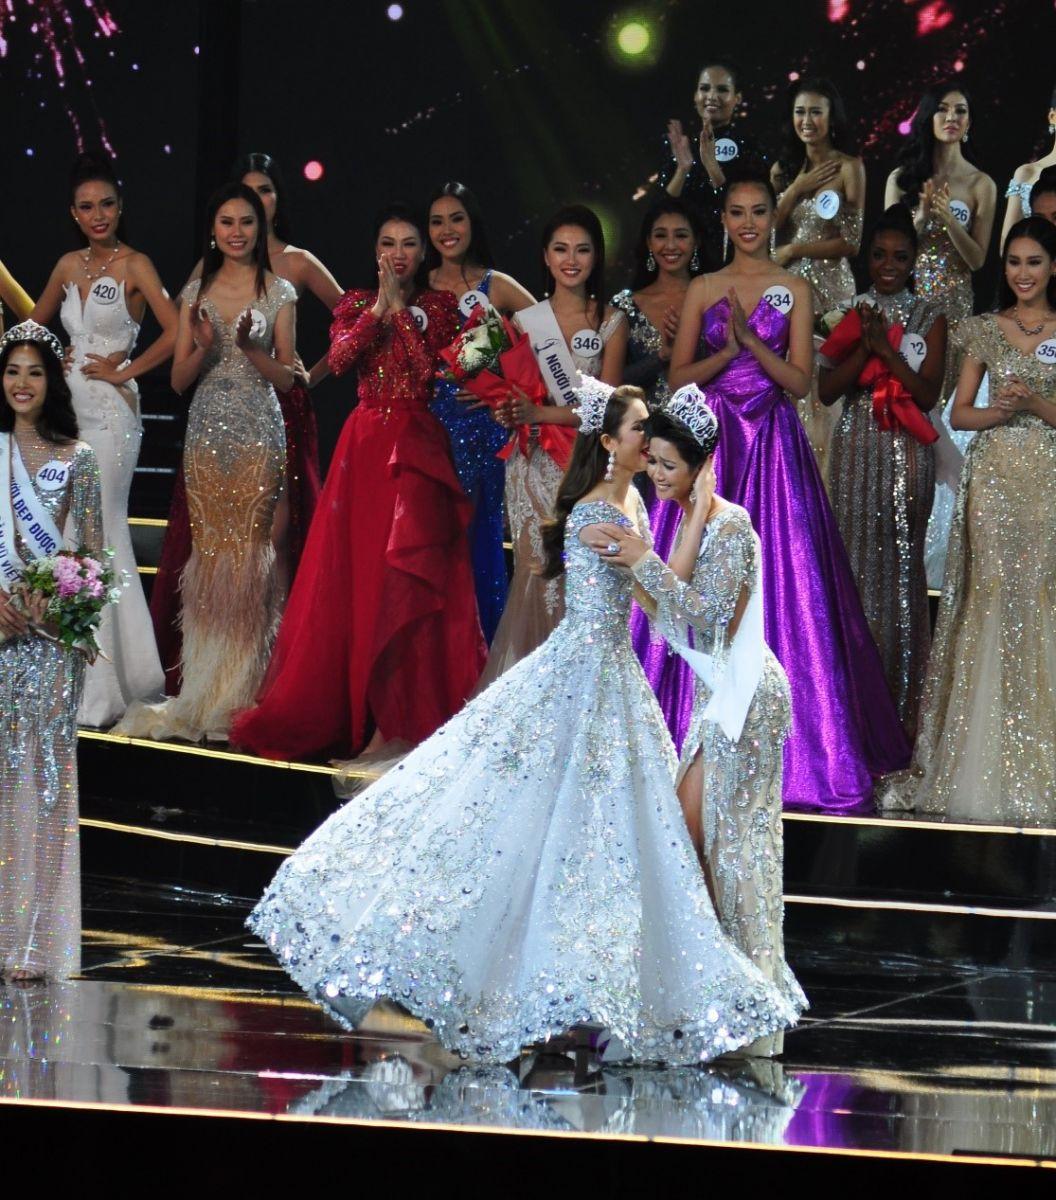 Tân hoa hậu H'Hen Niê Nhận vương miện từ Hoa hậu Hoàn vũ Việt Nam năm 2015 Phạm Hương